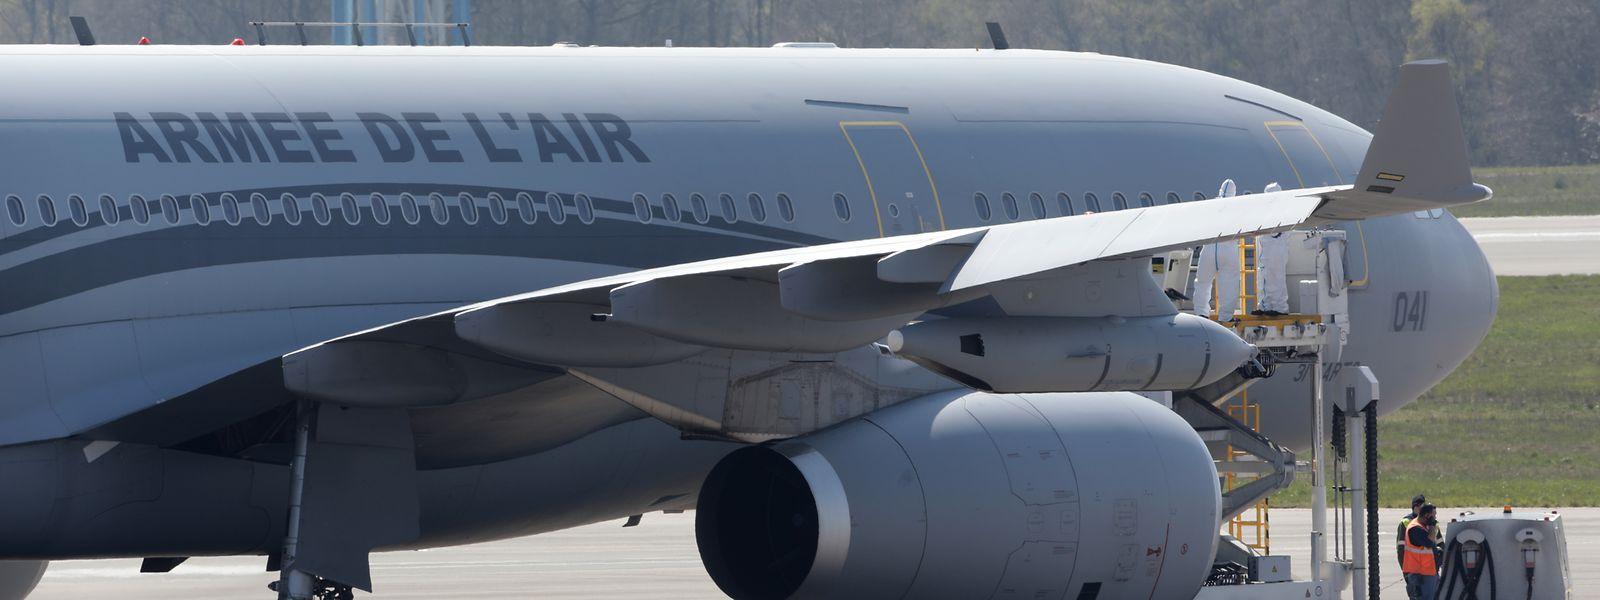 Comme vendredi, c'est le même Airbus A330 de l'armée de l'air française qui a atterri vers 11h30 au  Findel.